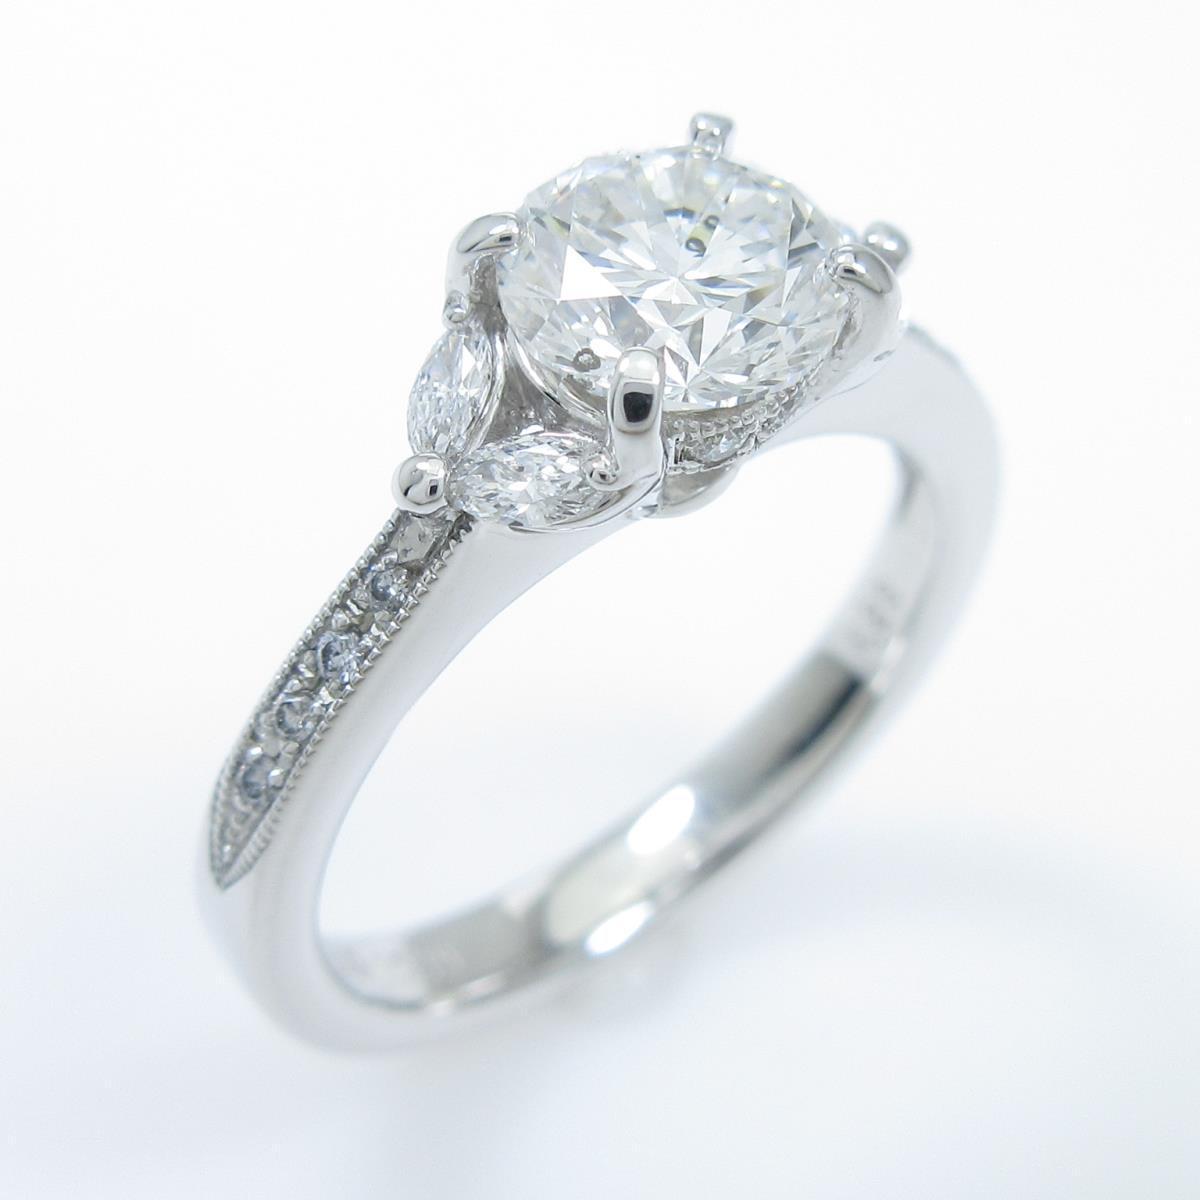 【リメイク】プラチナダイヤモンドリング 1.029ct・F・SI1・GOOD【中古】